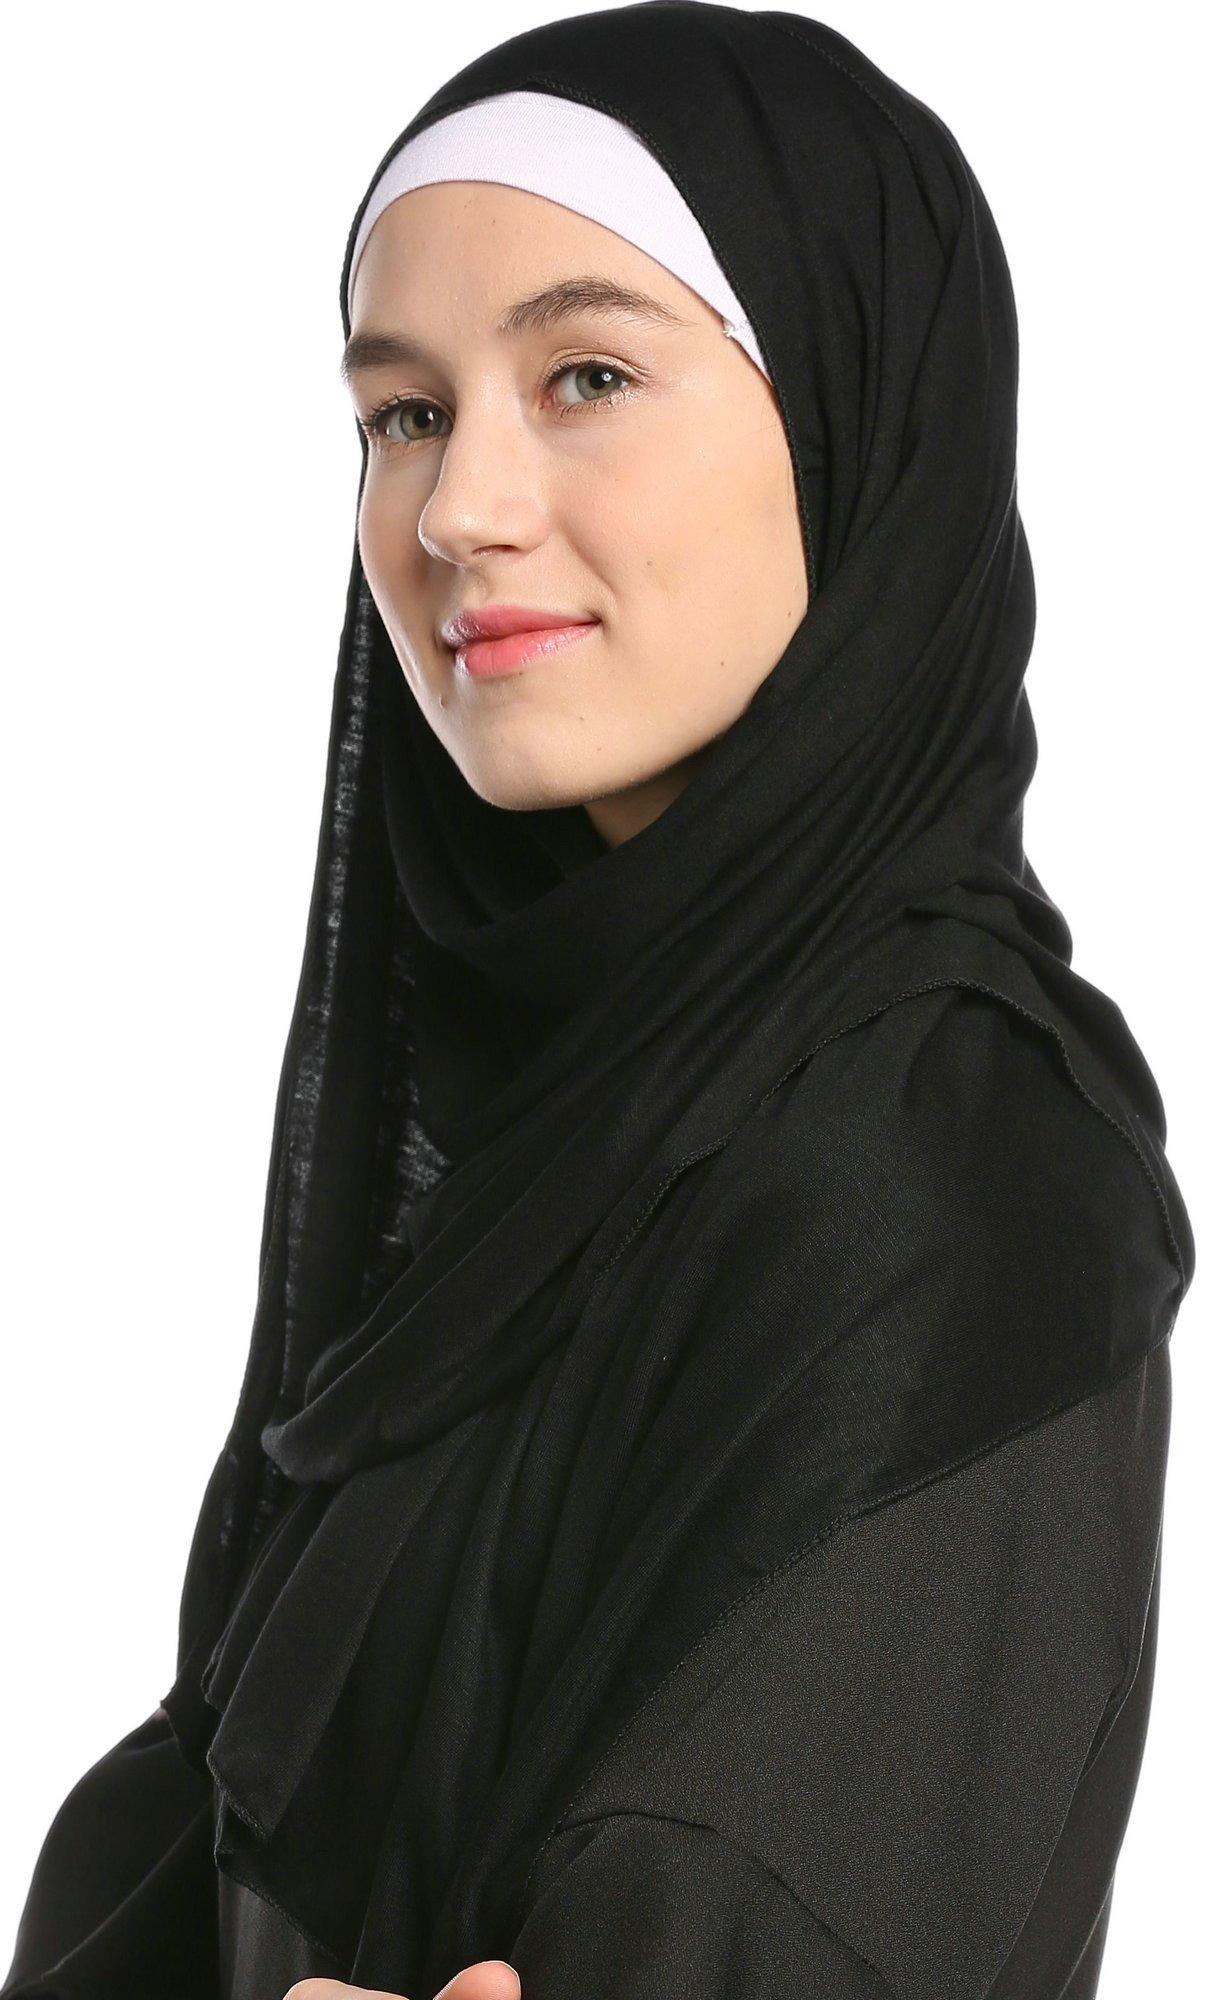 Ababalaya Fashion Womens Lightweight 100%Cotton Jersey Hijab Scarf, Black, One Size by Ababalaya (Image #4)